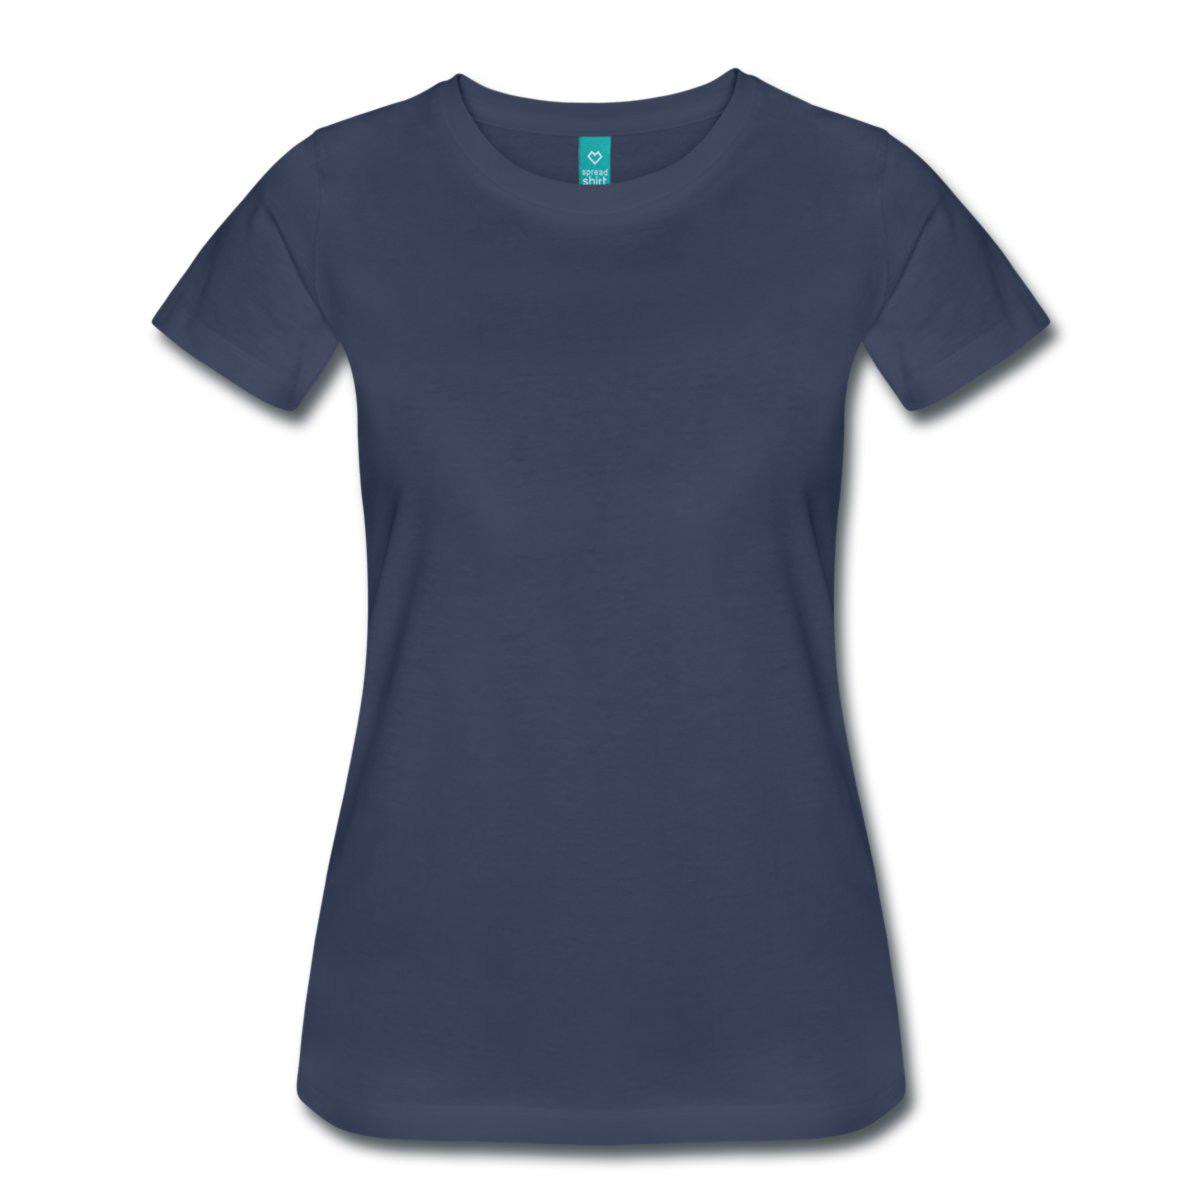 T-Shirt mit Text nach Wunsch bedruckt Grösse S-5XL Wunschtext Abi Shirt Motiv